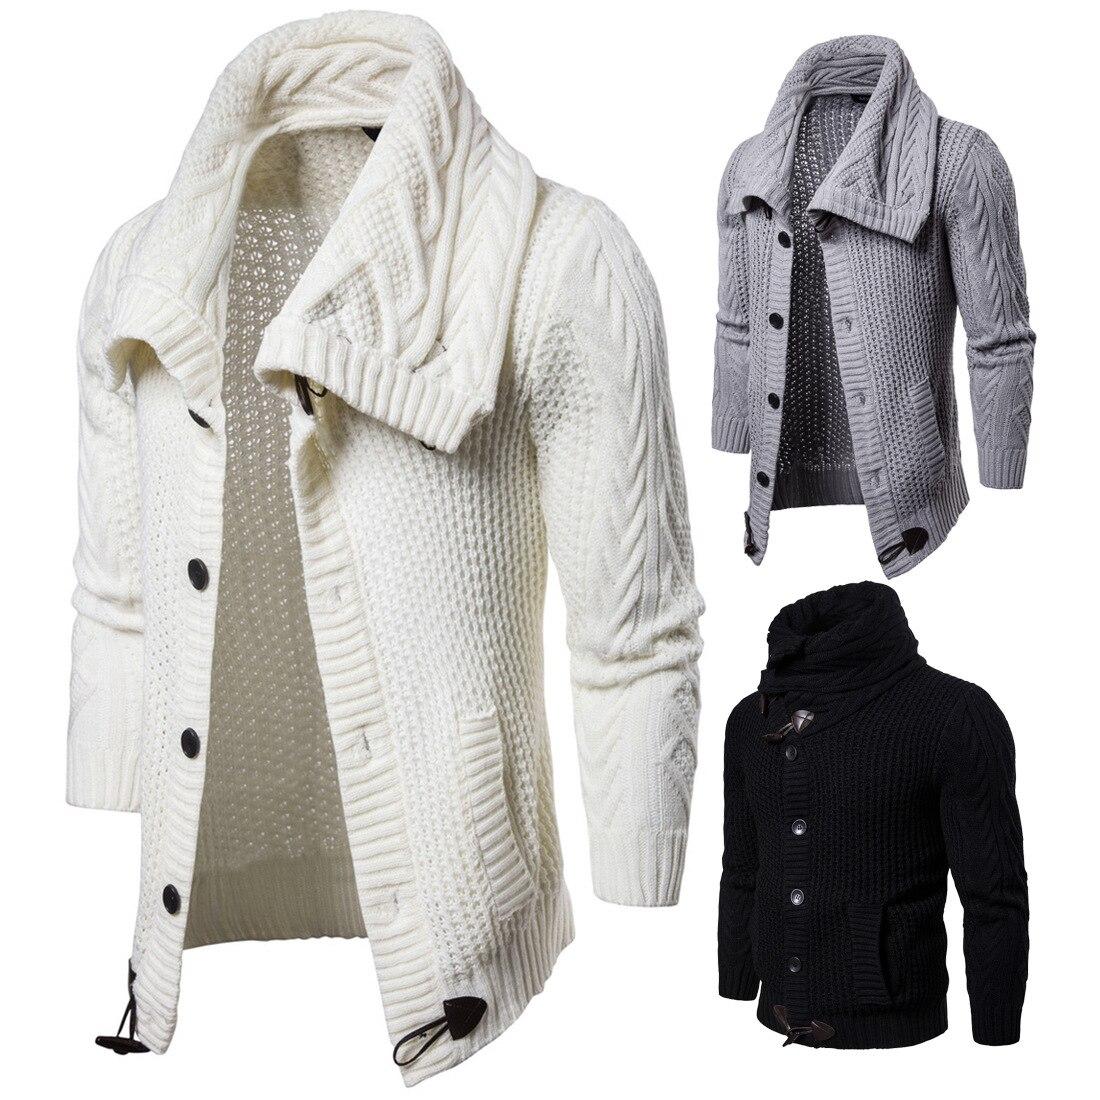 Jeunes hommes de nouveau fonds de 2019 automne couleur pure tricoté cardigan chandail manteau mode chaud chandail hommes direct affaire garder au chaud